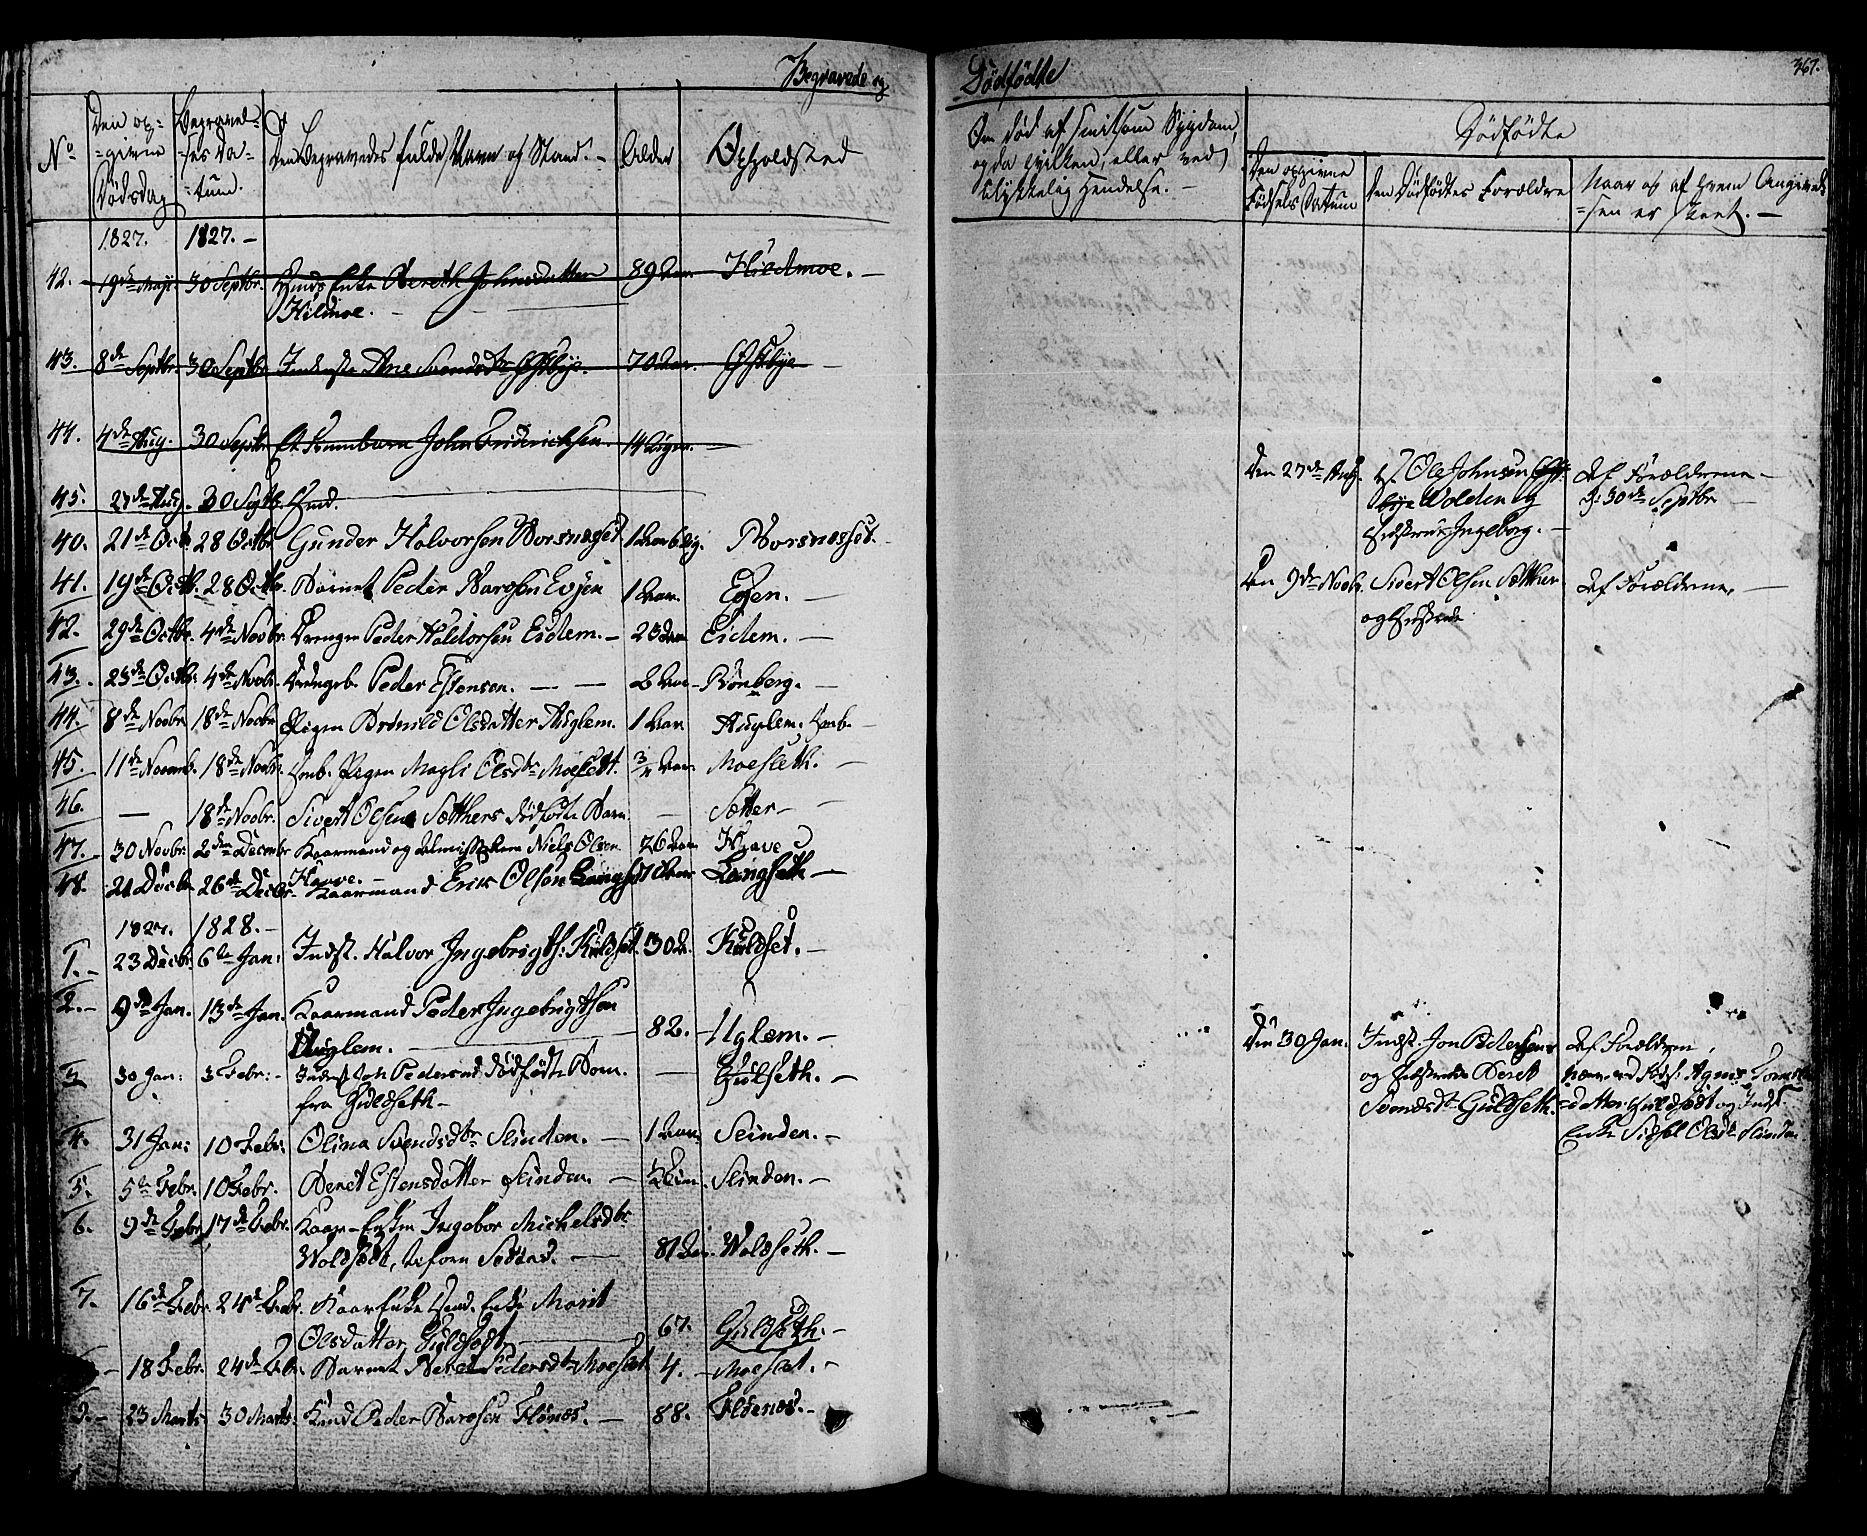 SAT, Ministerialprotokoller, klokkerbøker og fødselsregistre - Sør-Trøndelag, 695/L1143: Ministerialbok nr. 695A05 /1, 1824-1842, s. 367